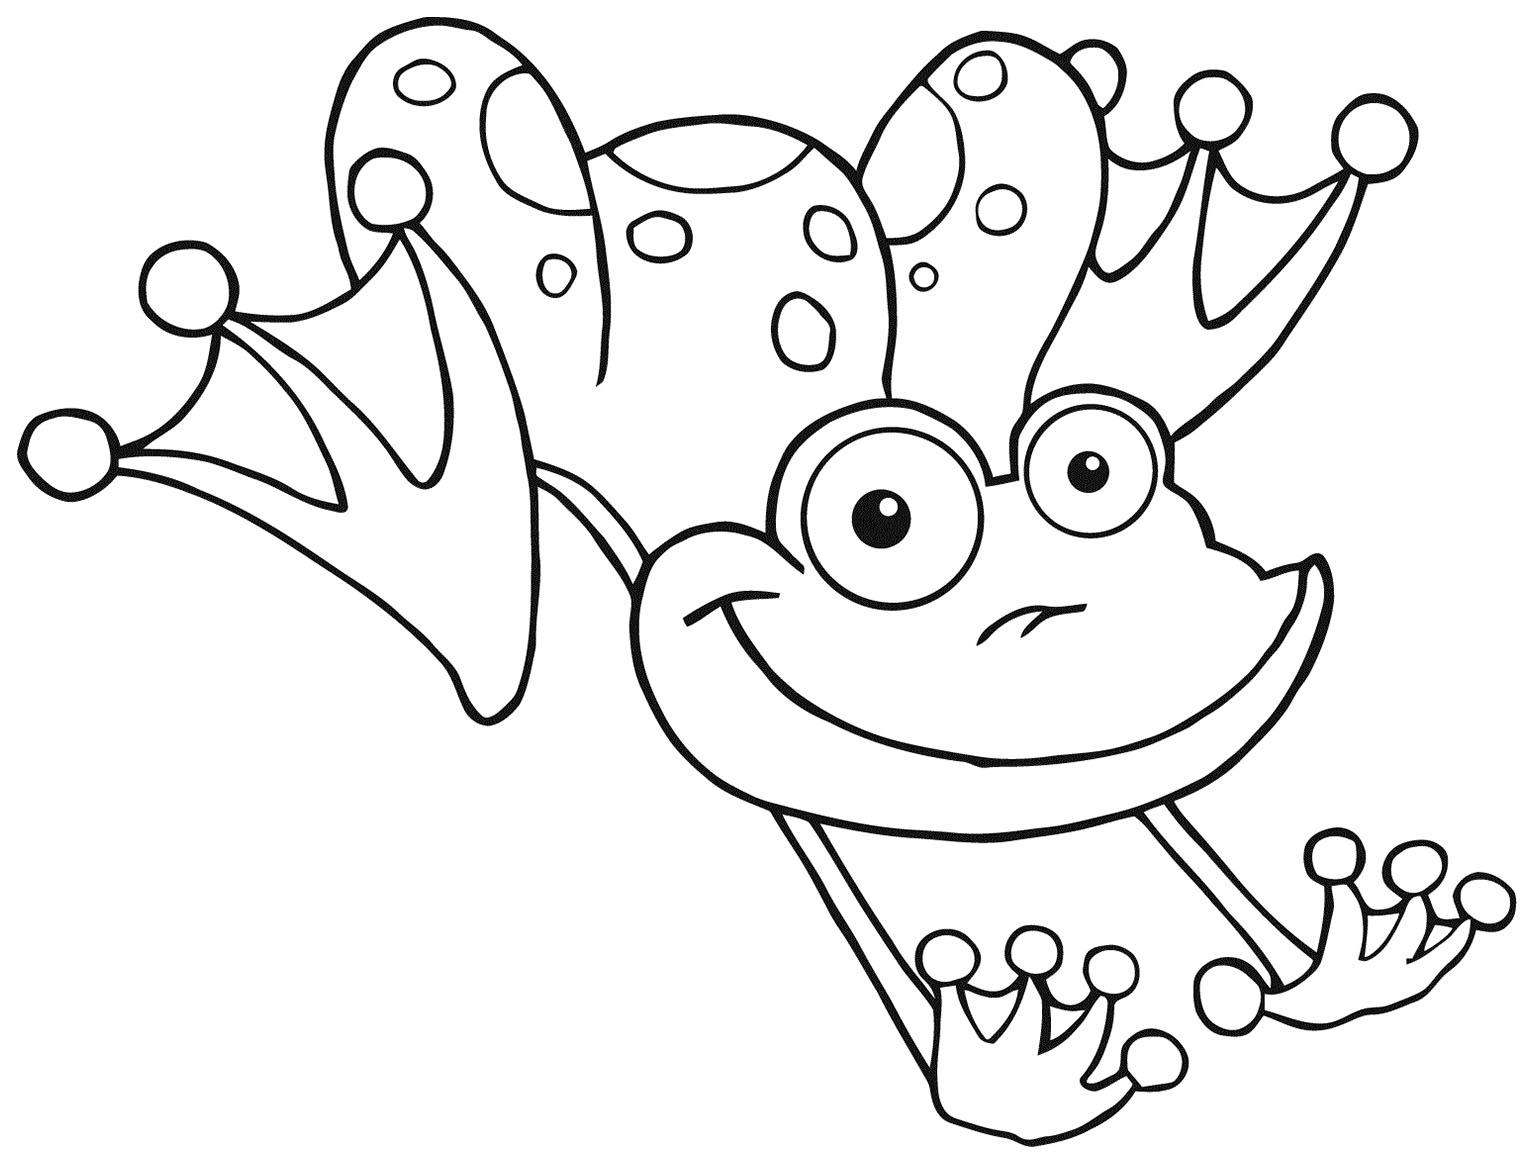 Image de grenouille à télécharger et colorier - Coloriage de Grenouilles - Coloriages pour enfants